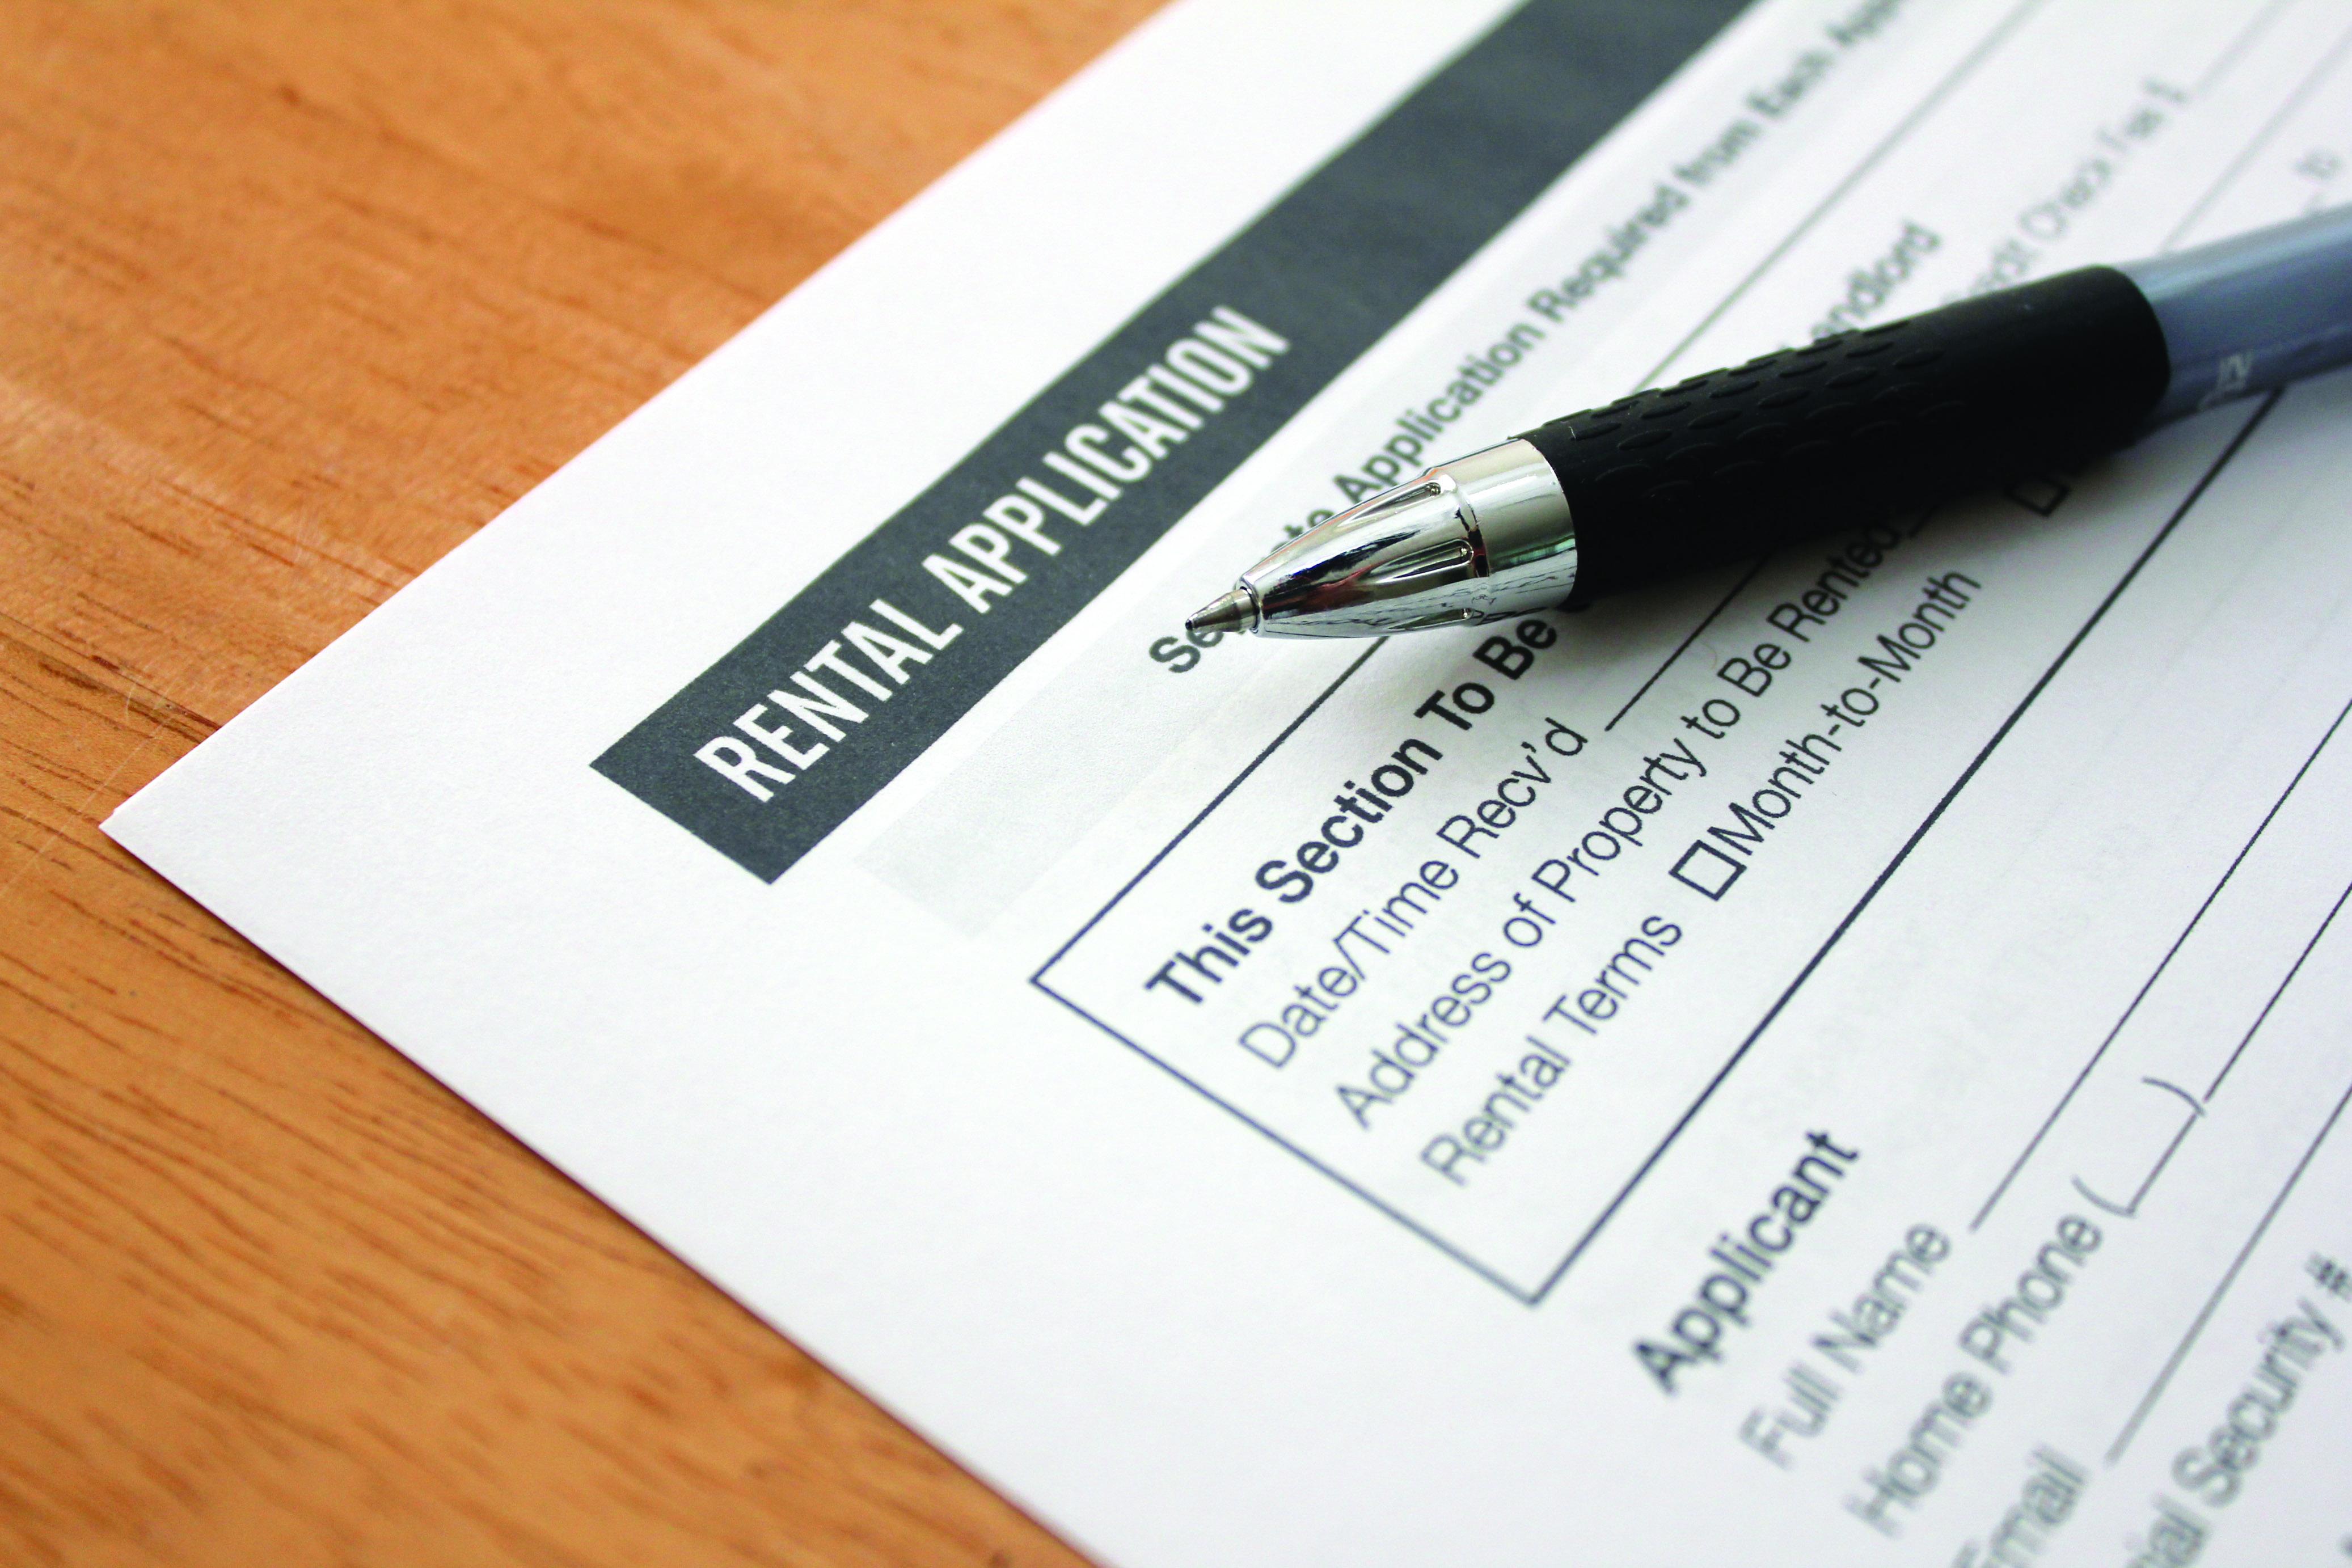 RentalApplication investing español, noticias financieras